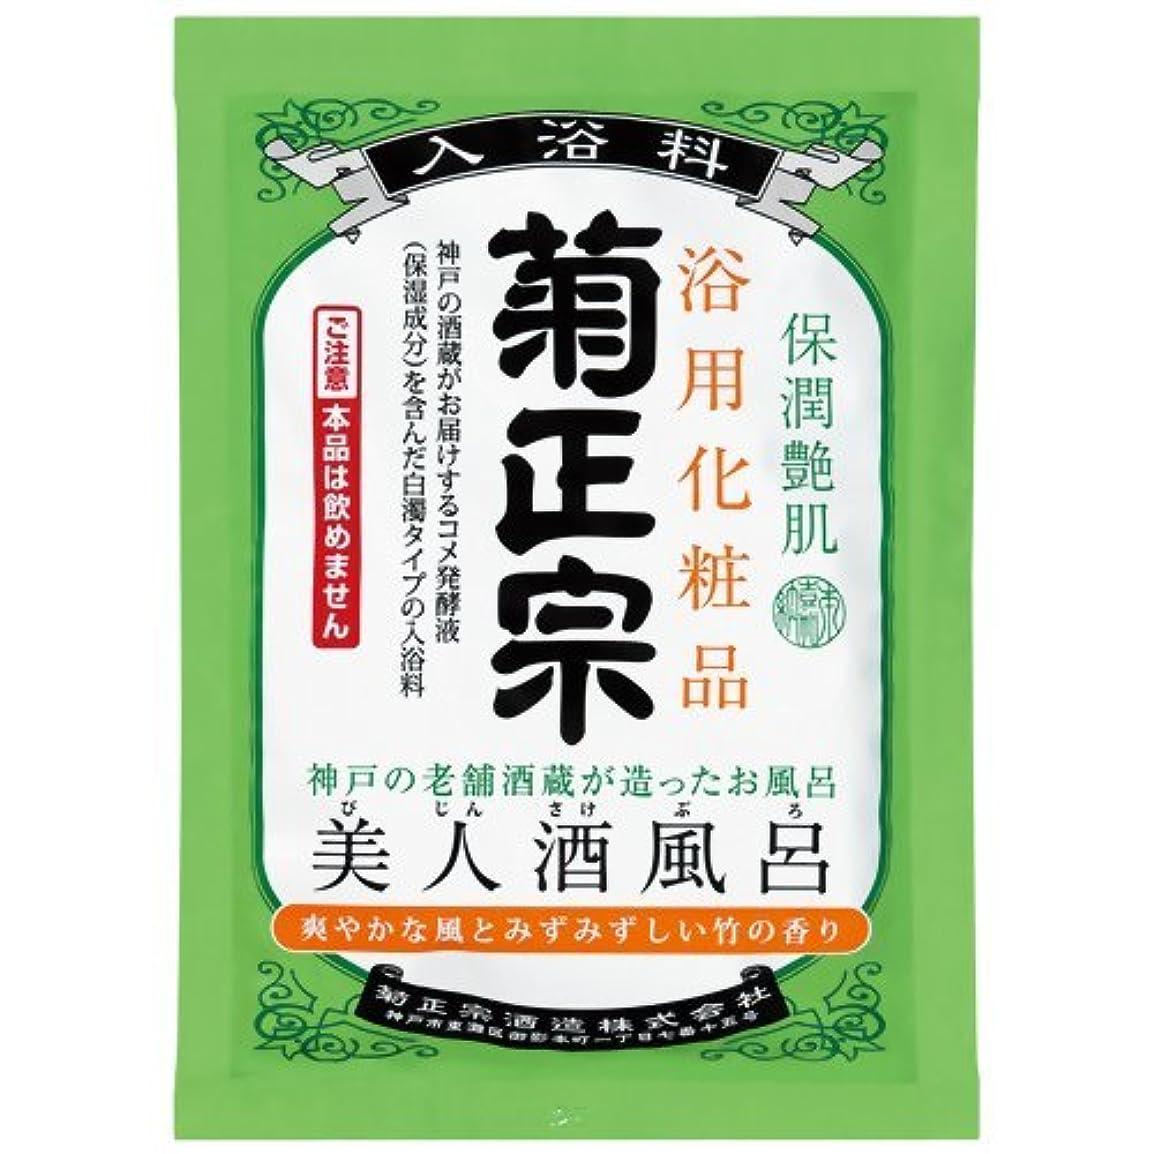 周囲外科医娯楽菊正宗 美人酒風呂 爽やかな風とみずみずしい竹の香り